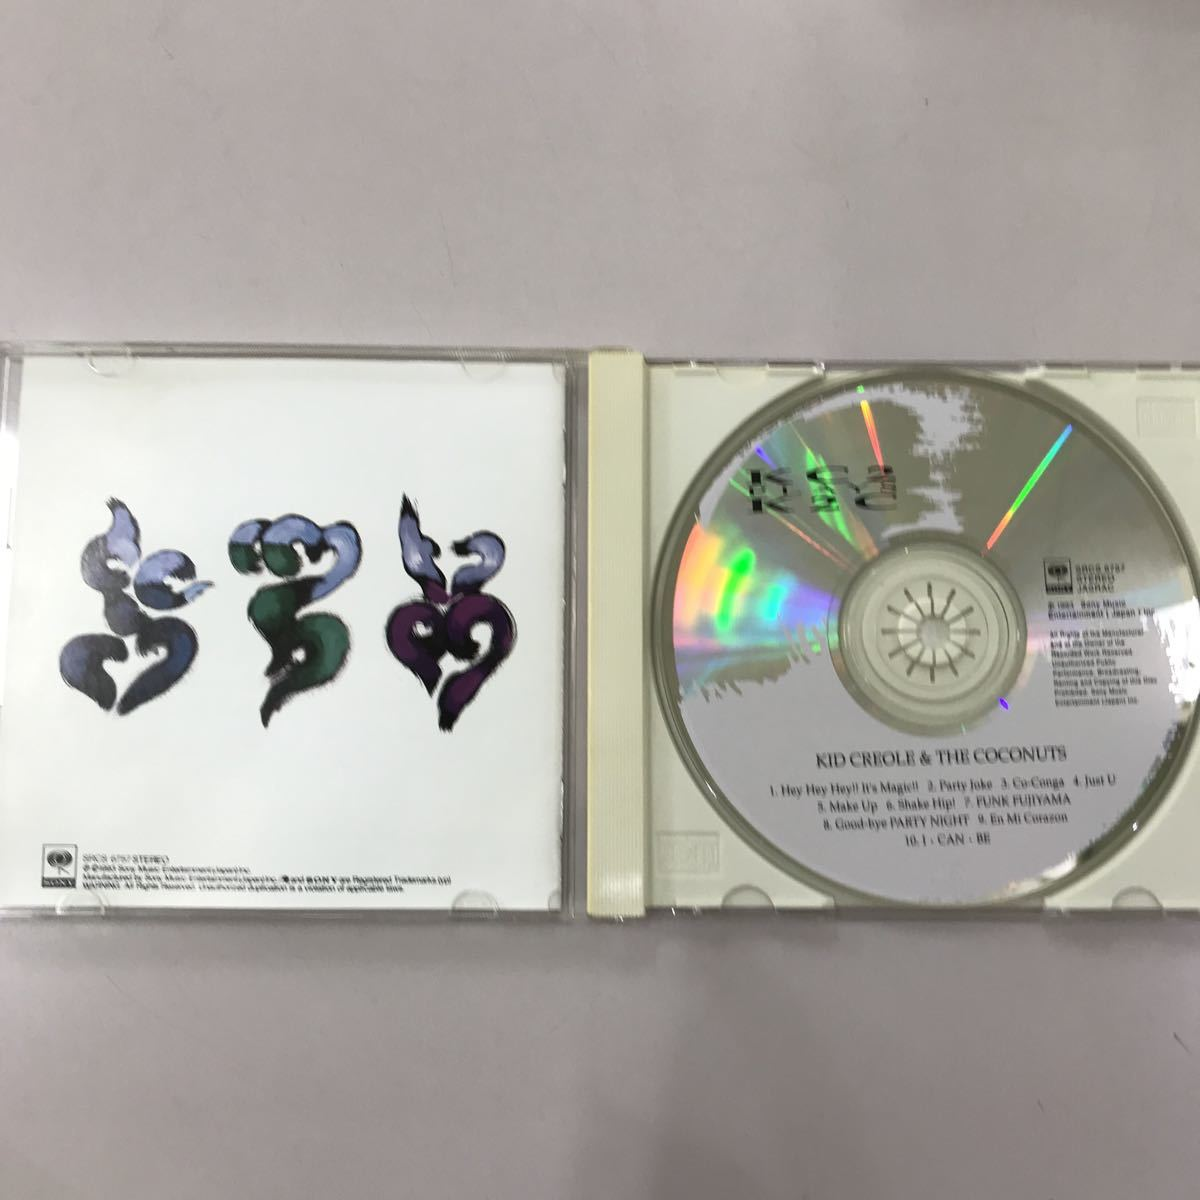 CD 中古☆【邦楽】キッド クレオール&ザ ココナッツ